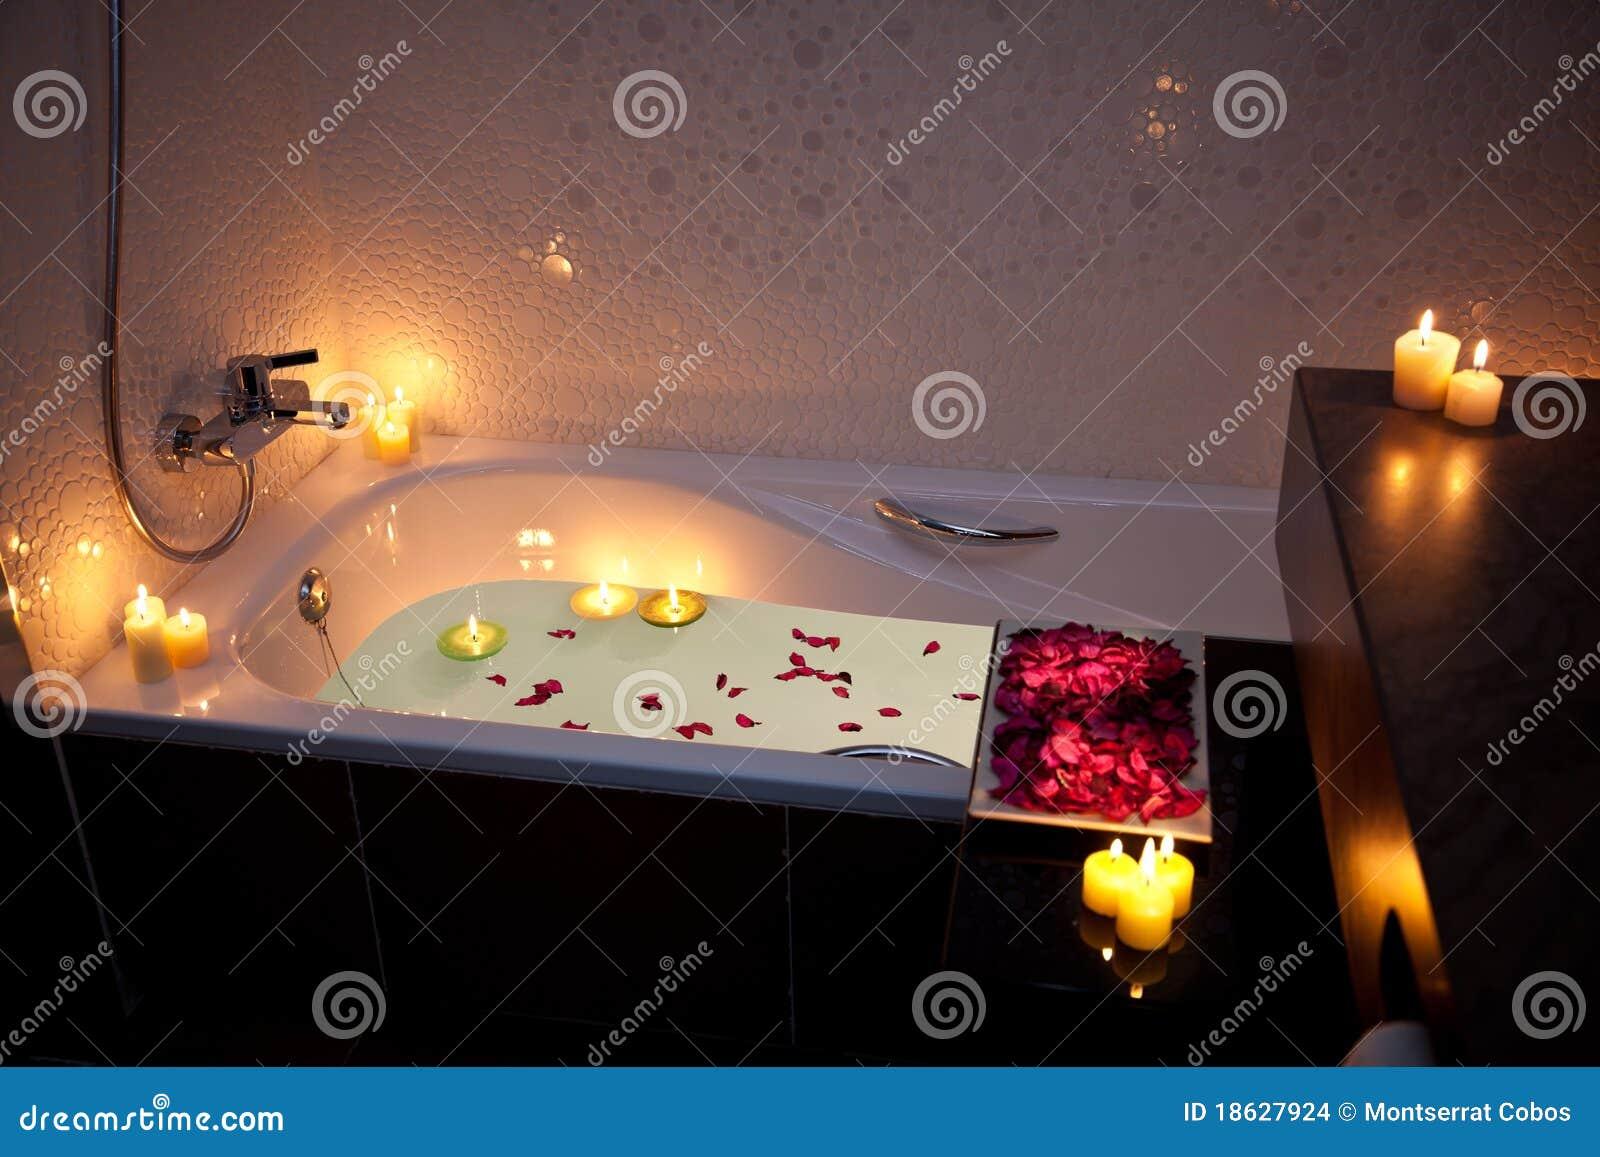 Vasca Da Bagno Romantica Con Candele : Vasca da bagno romantica le migliori idee per la tua design per